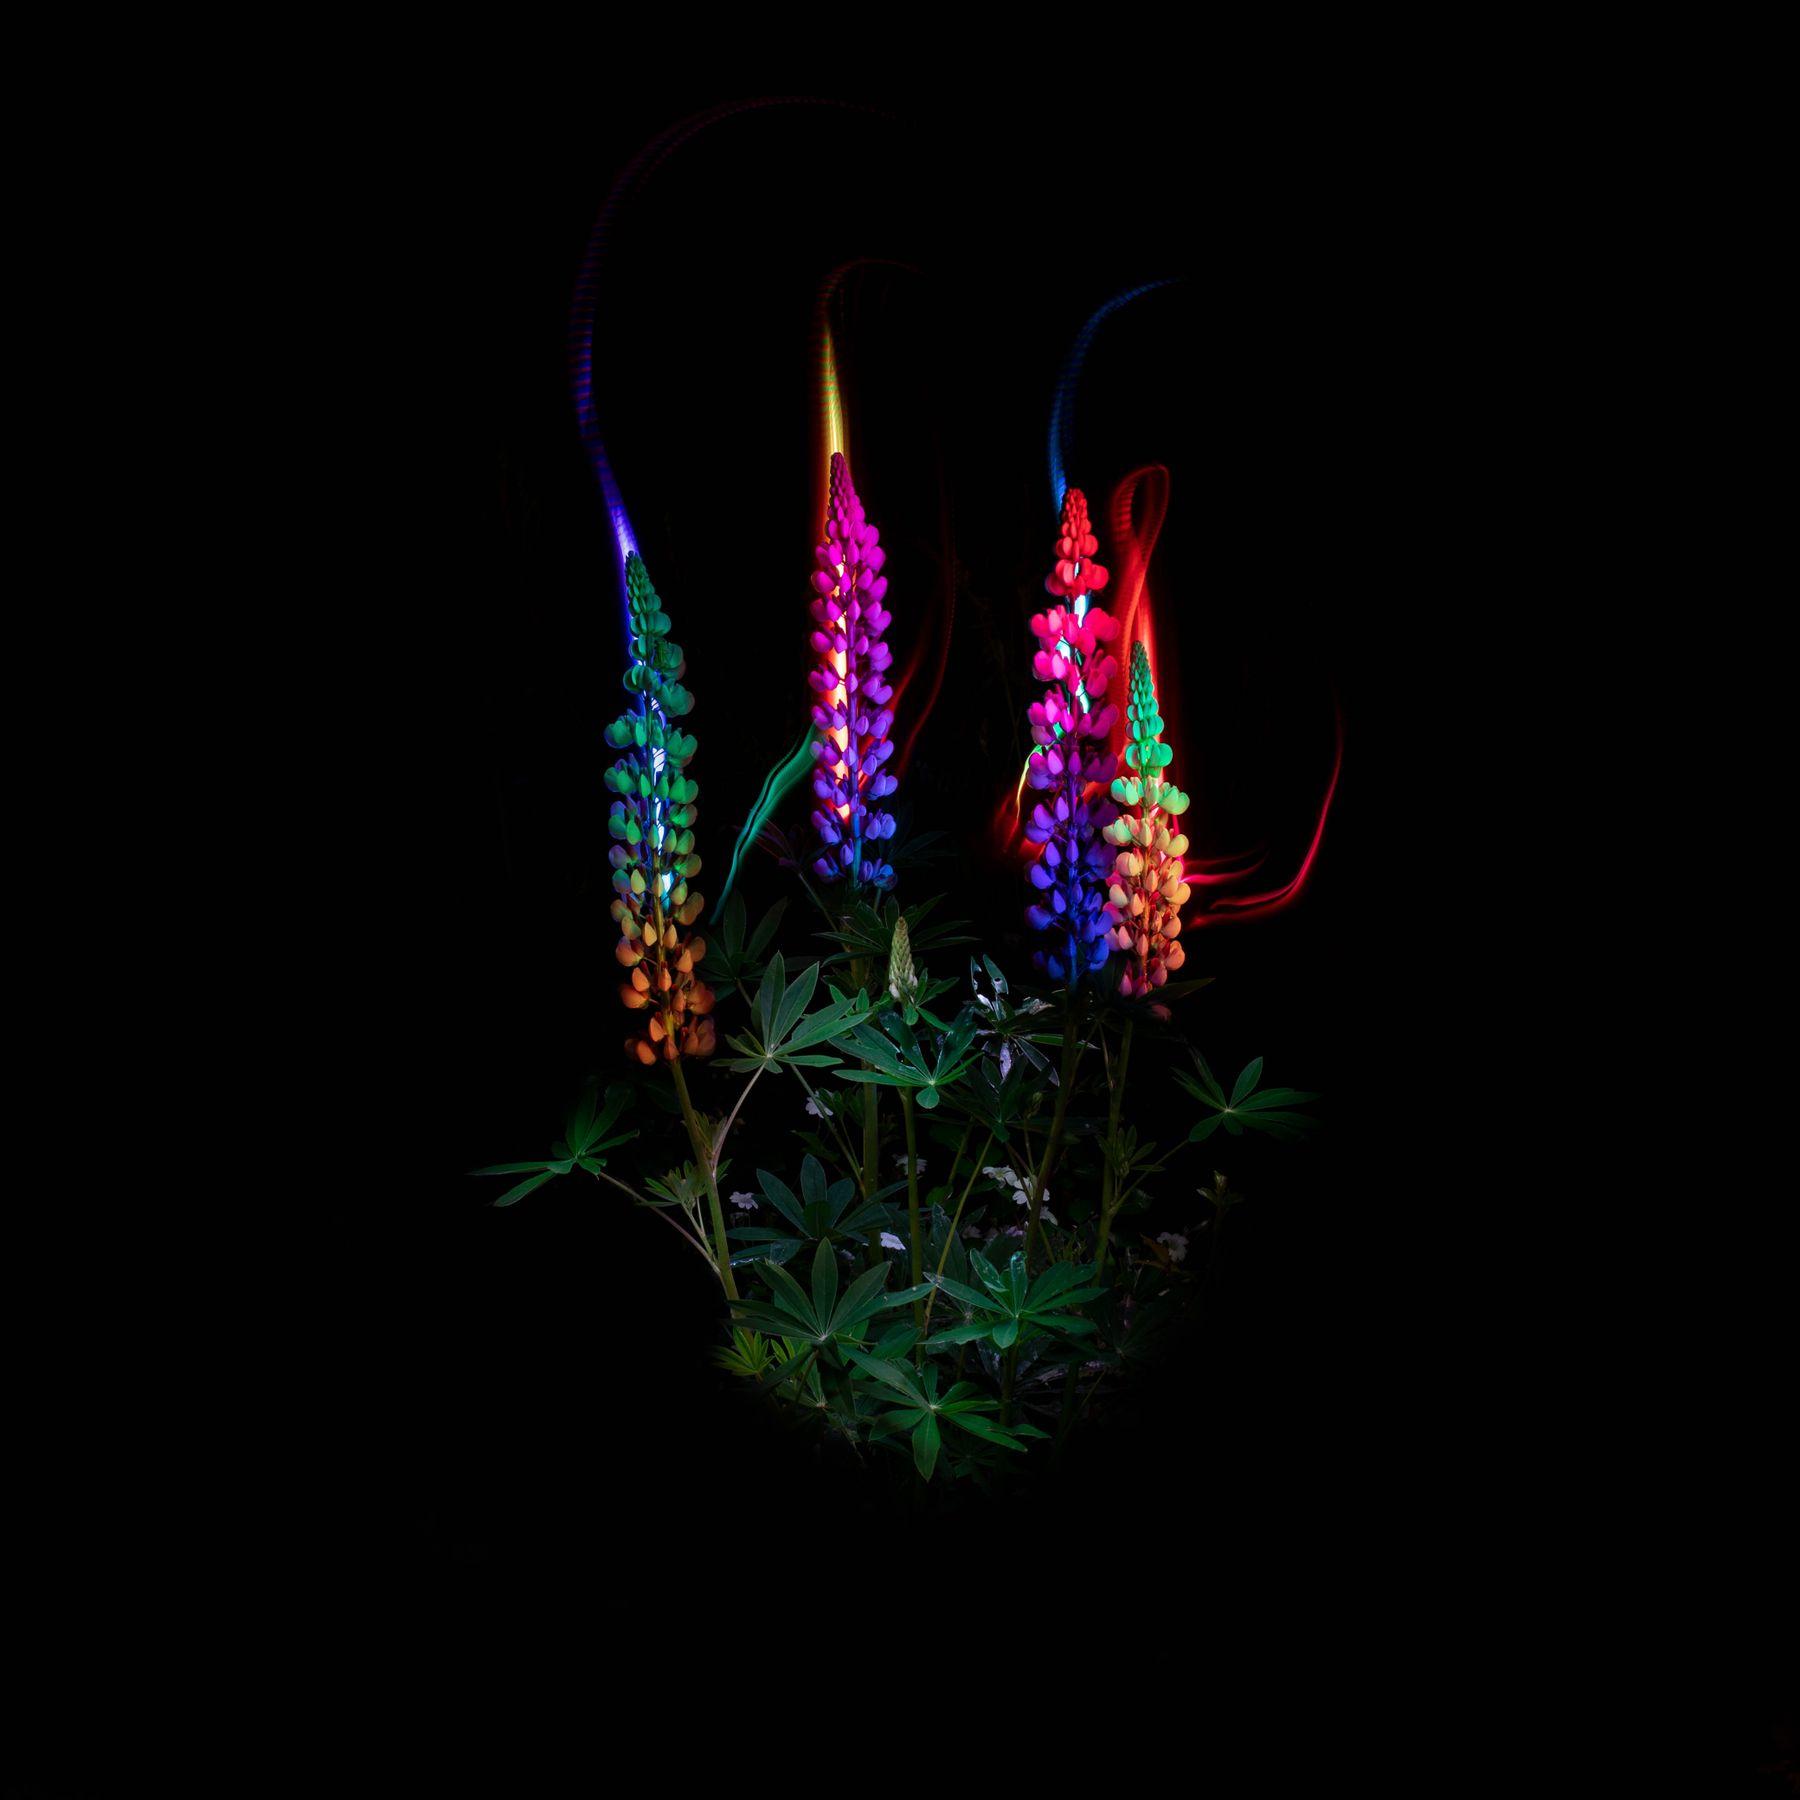 Люпин фризлайт цветы световая кисть